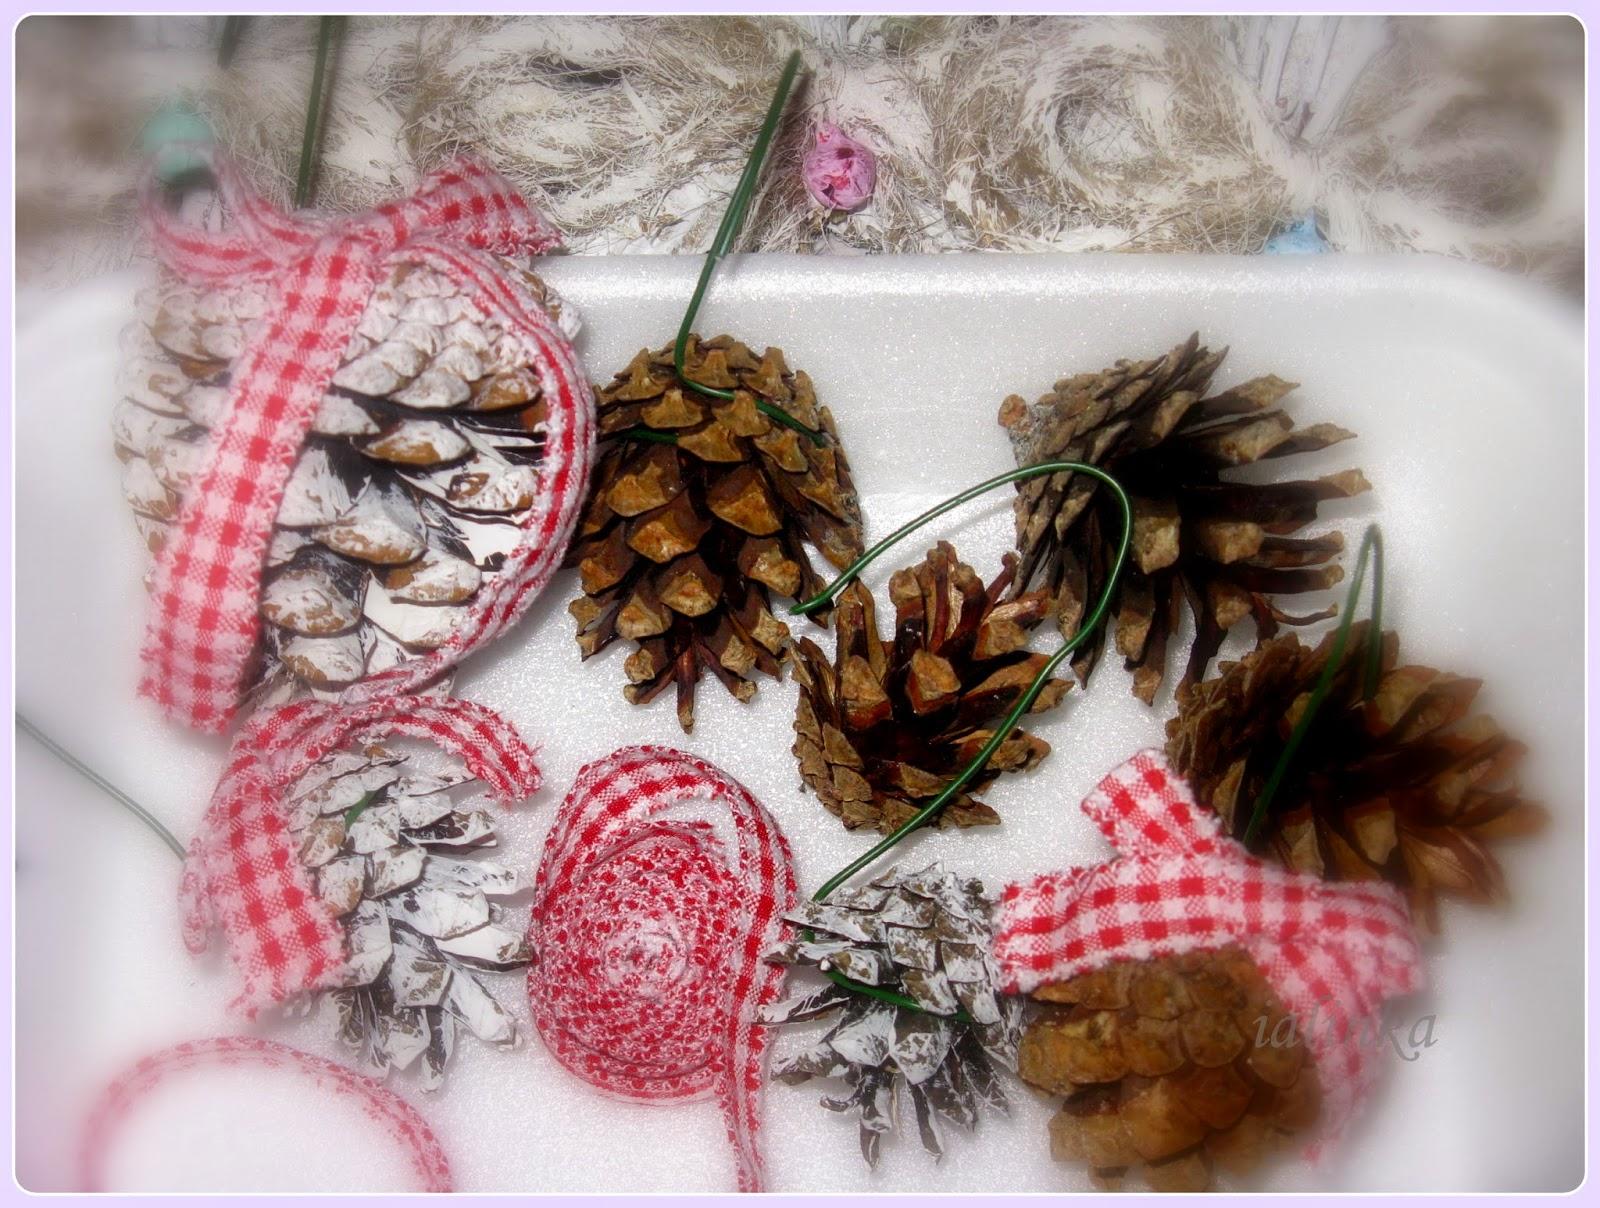 декор  елки  шишка  новый  год gingerbread house  and tree